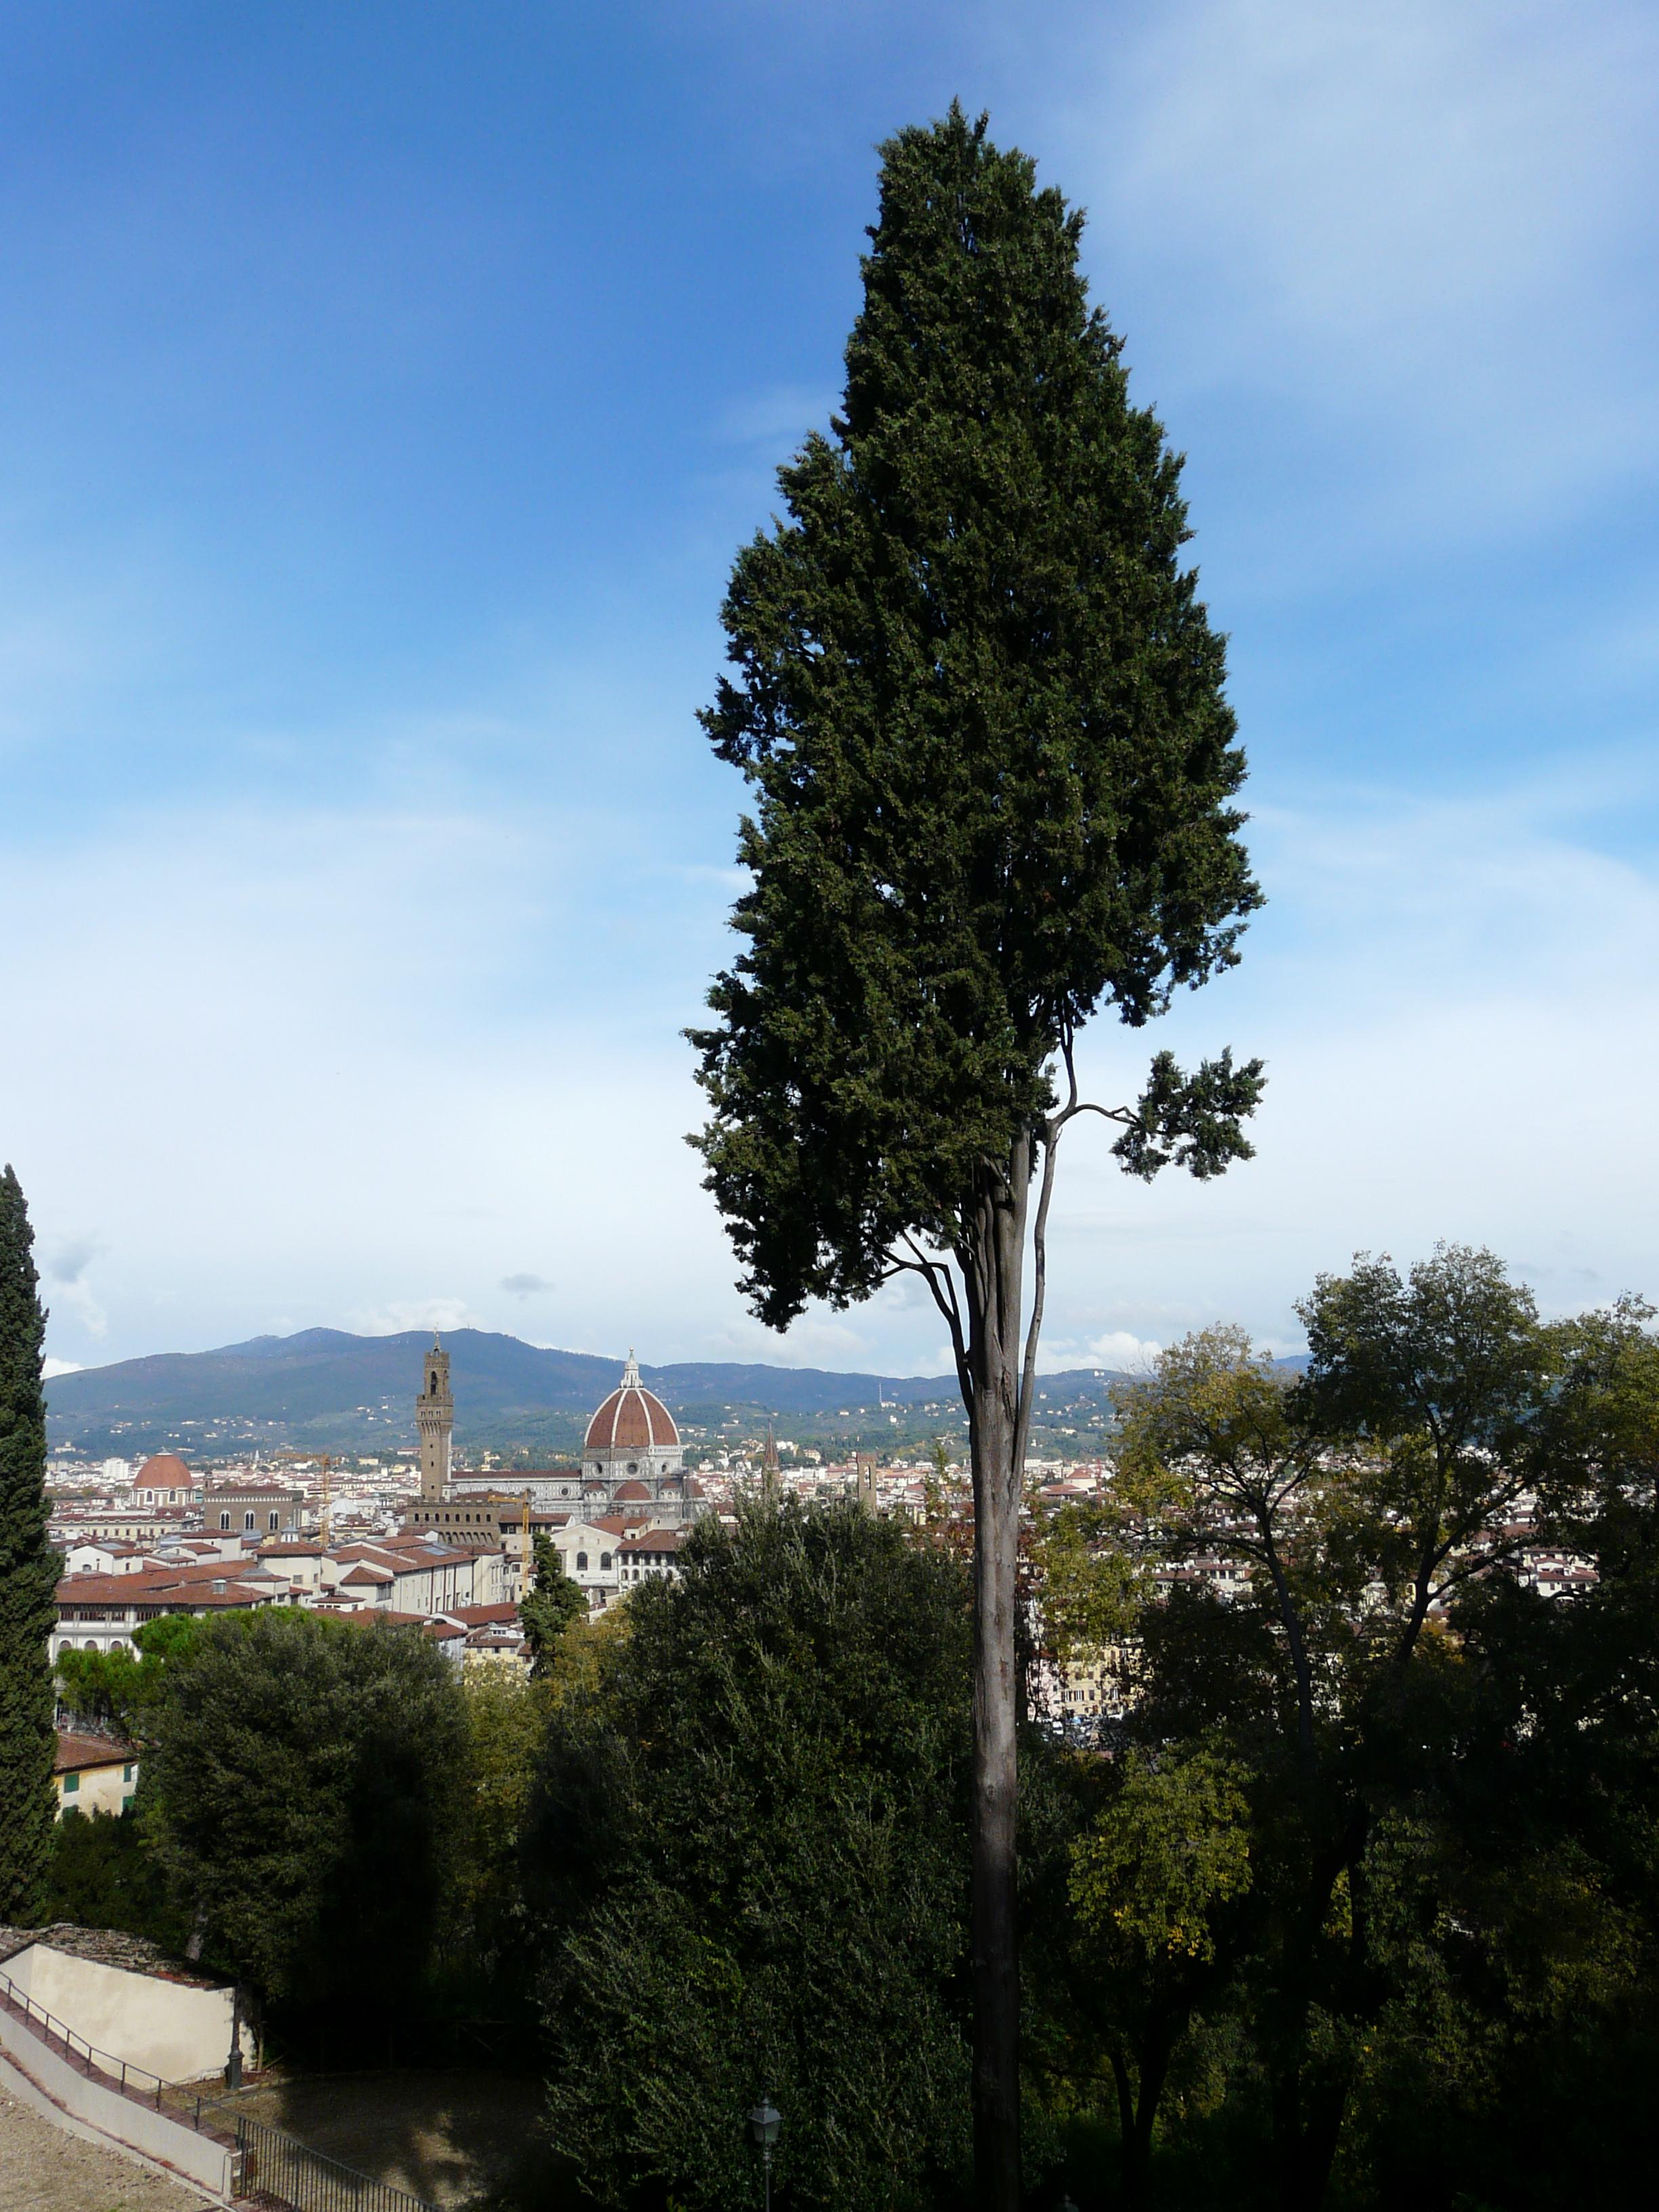 © Dipartimento di Scienze della Vita, Università degli Studi di Trieste<br>by Andrea Moro<br>Firenze, Giardino Bardini, FI, Toscana, Italia, 02/11/2010<br>Distributed under CC-BY-SA 4.0 license.